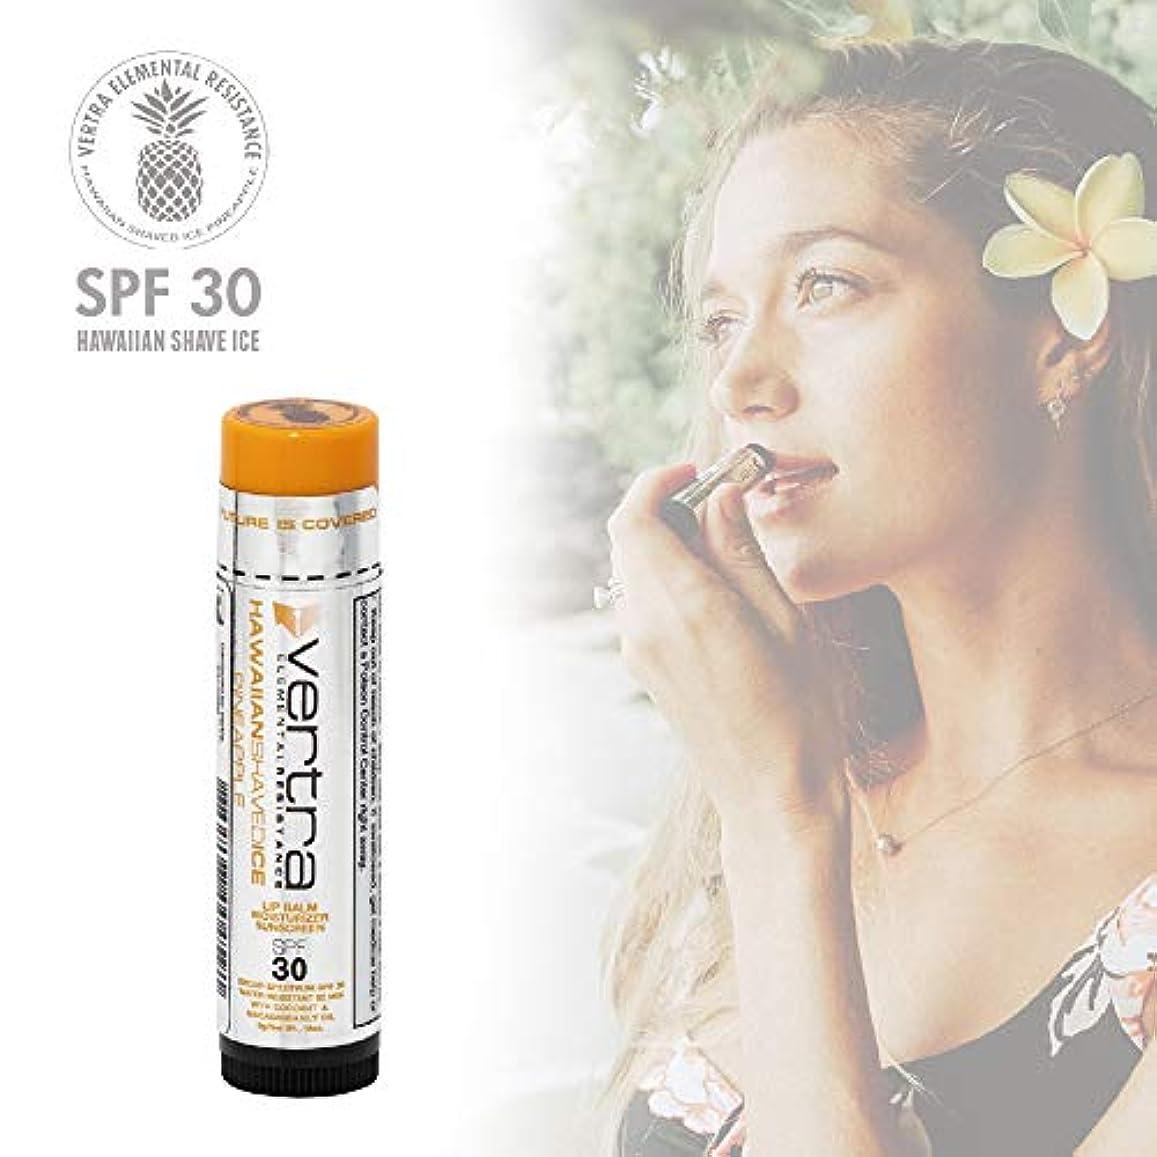 危険を冒します疎外するプラスチックVERTRA (バートラ) リップ 日焼け止め Lip Balm hawaiian shaved ice pineapple SPF30 PA+++